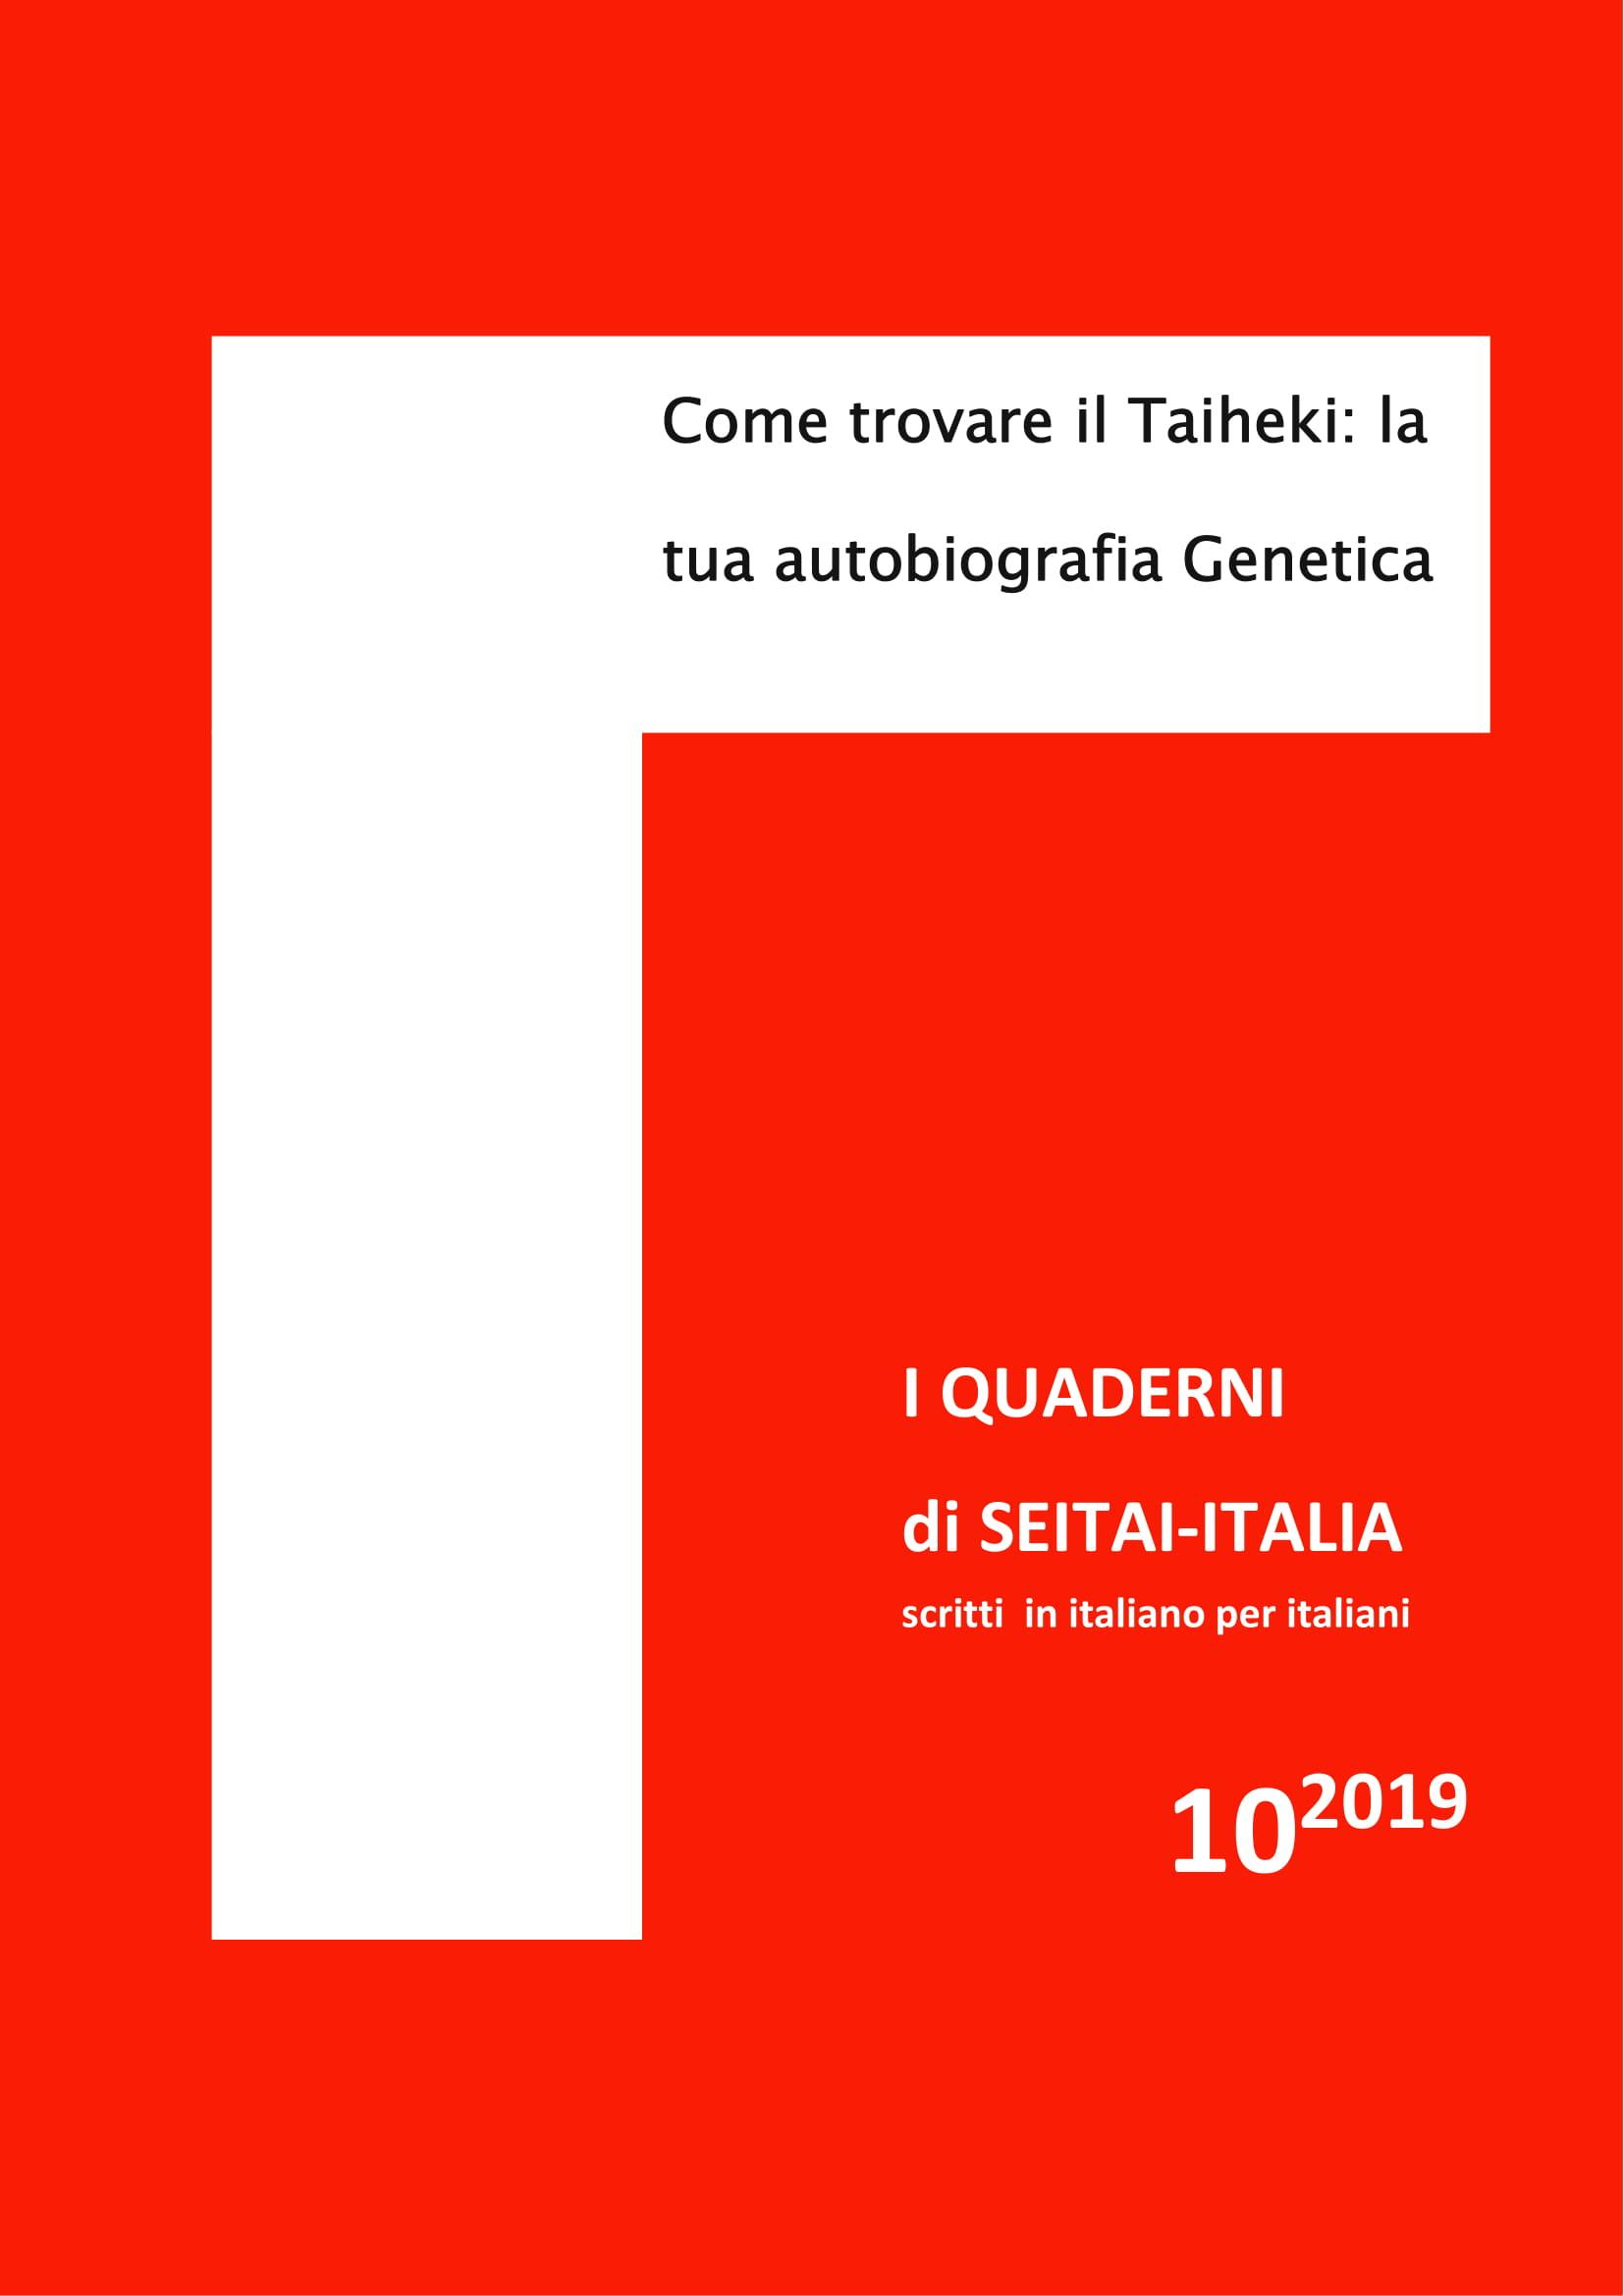 Come trovare il Taiheki